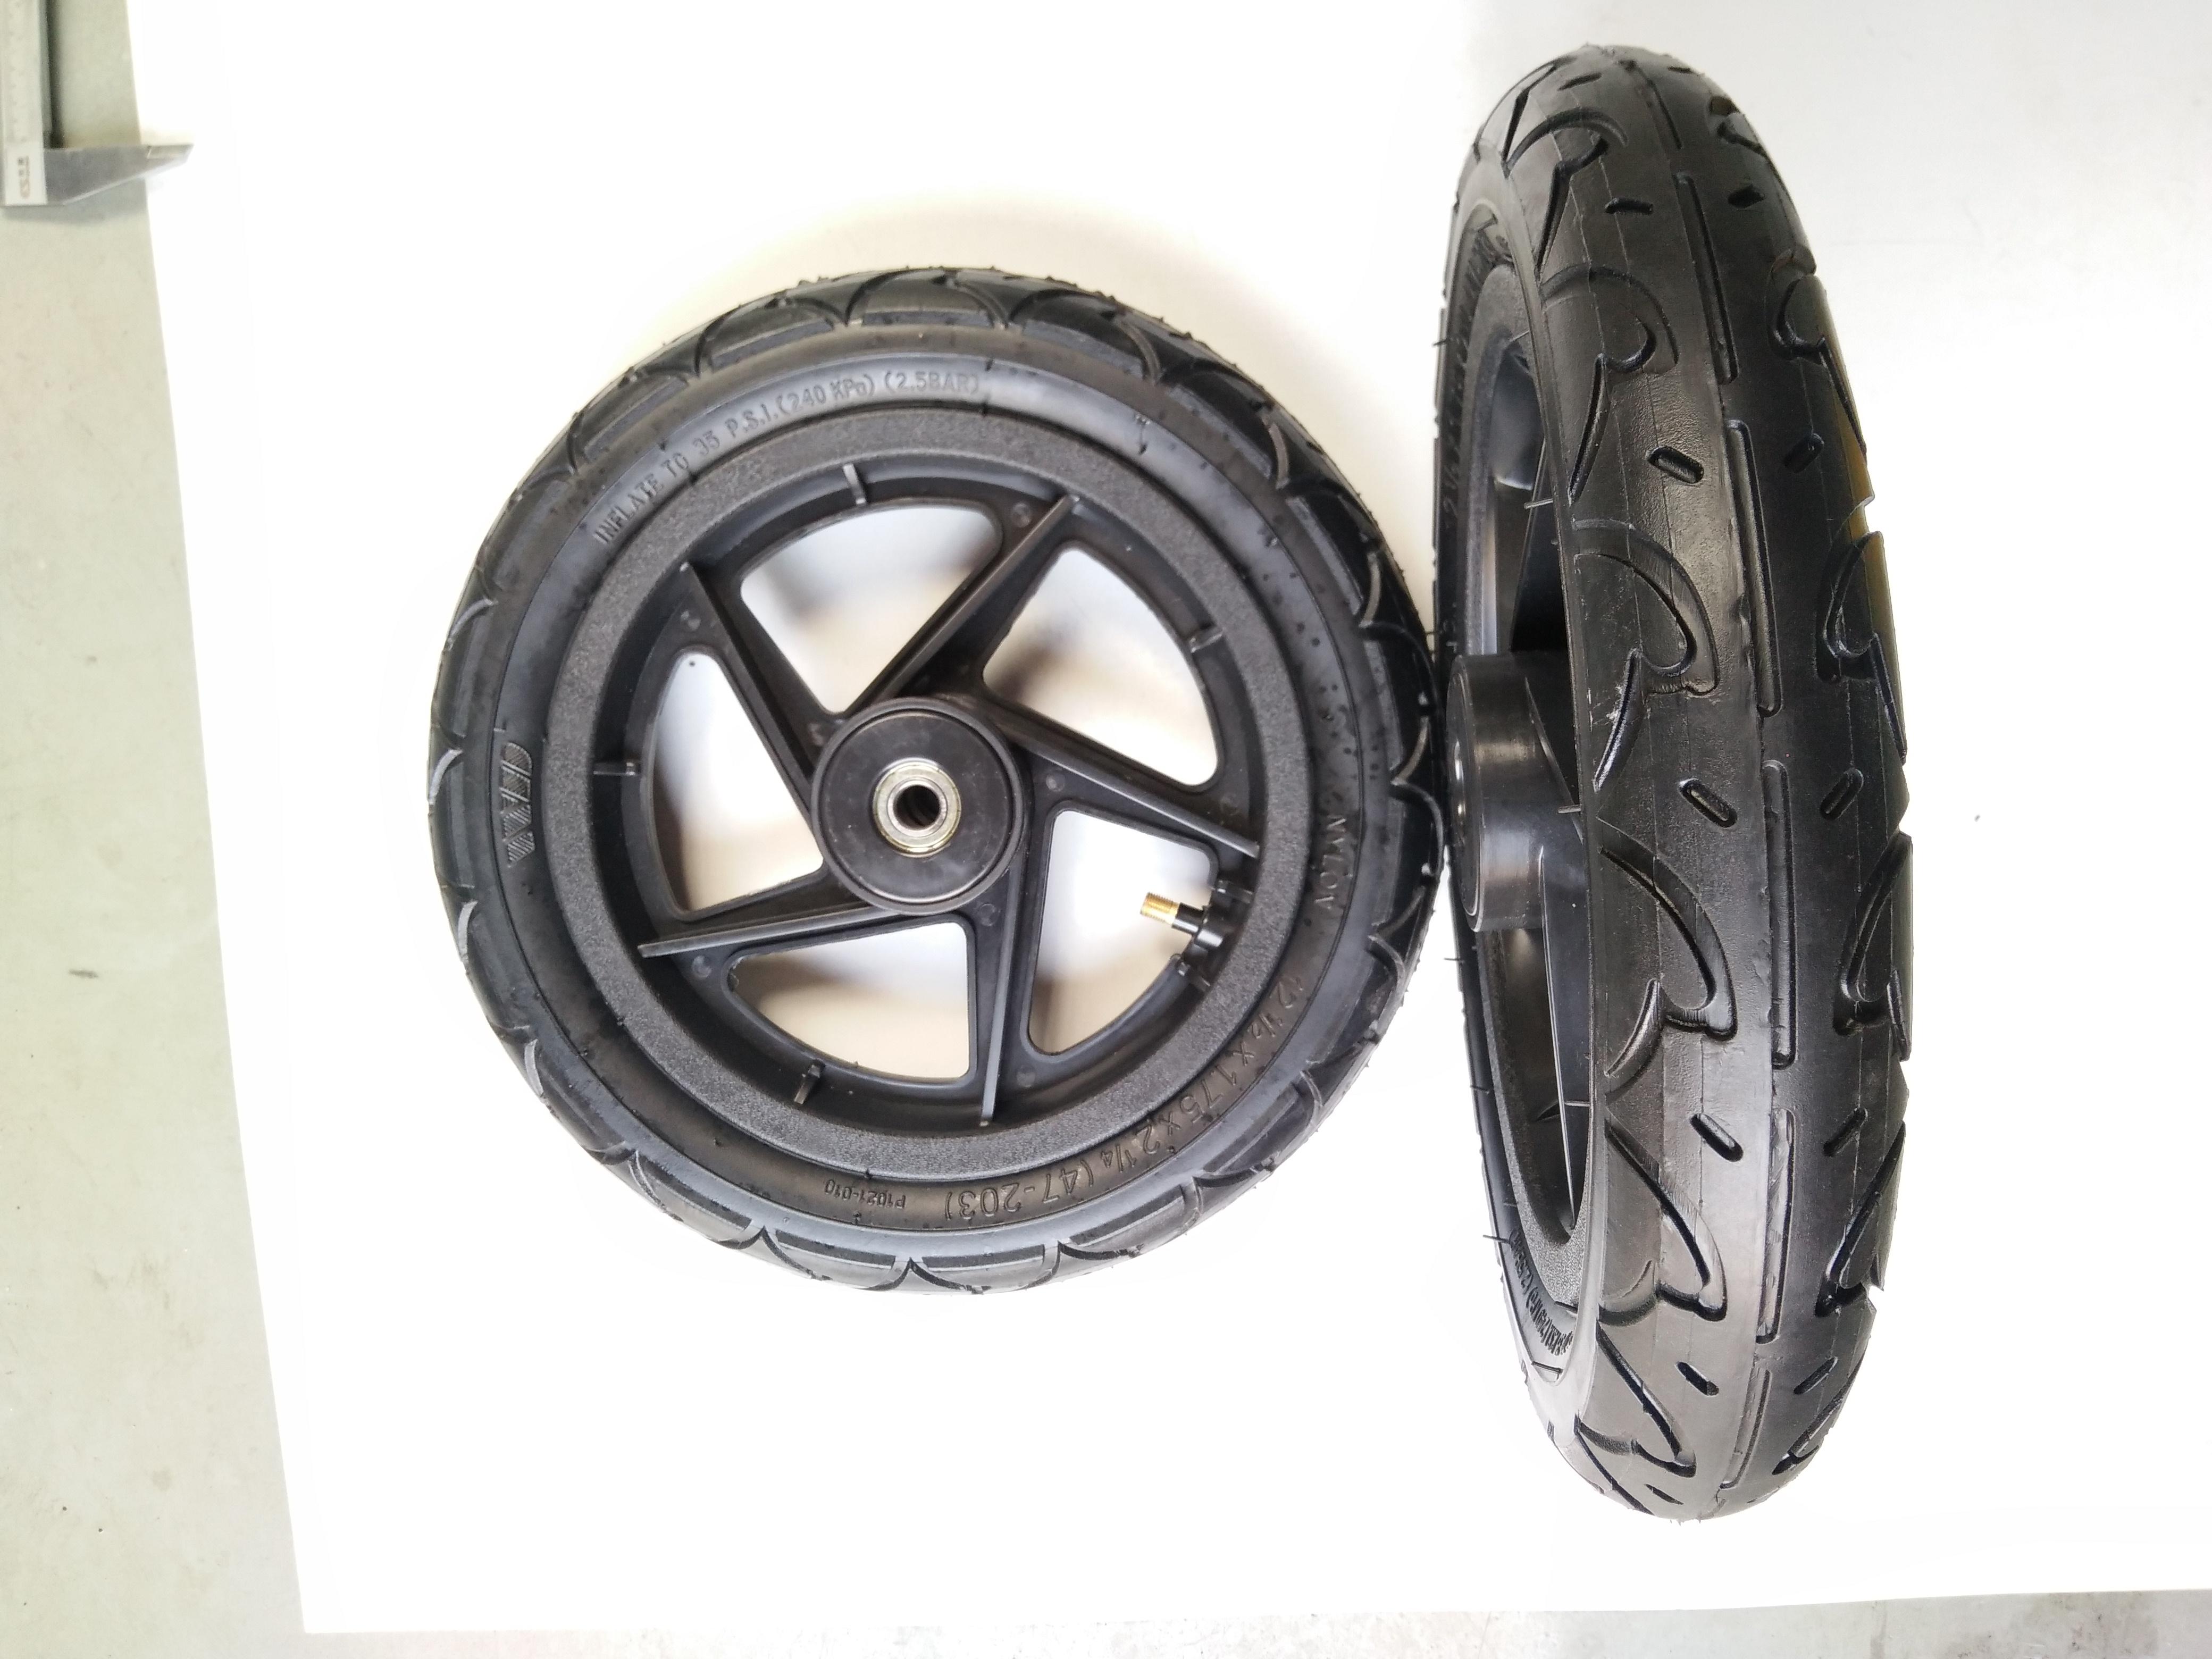 12寸塑料充气轮子12*2.125塑料轮辐充气轮子 12寸塑料斜五档轮辐充气轮